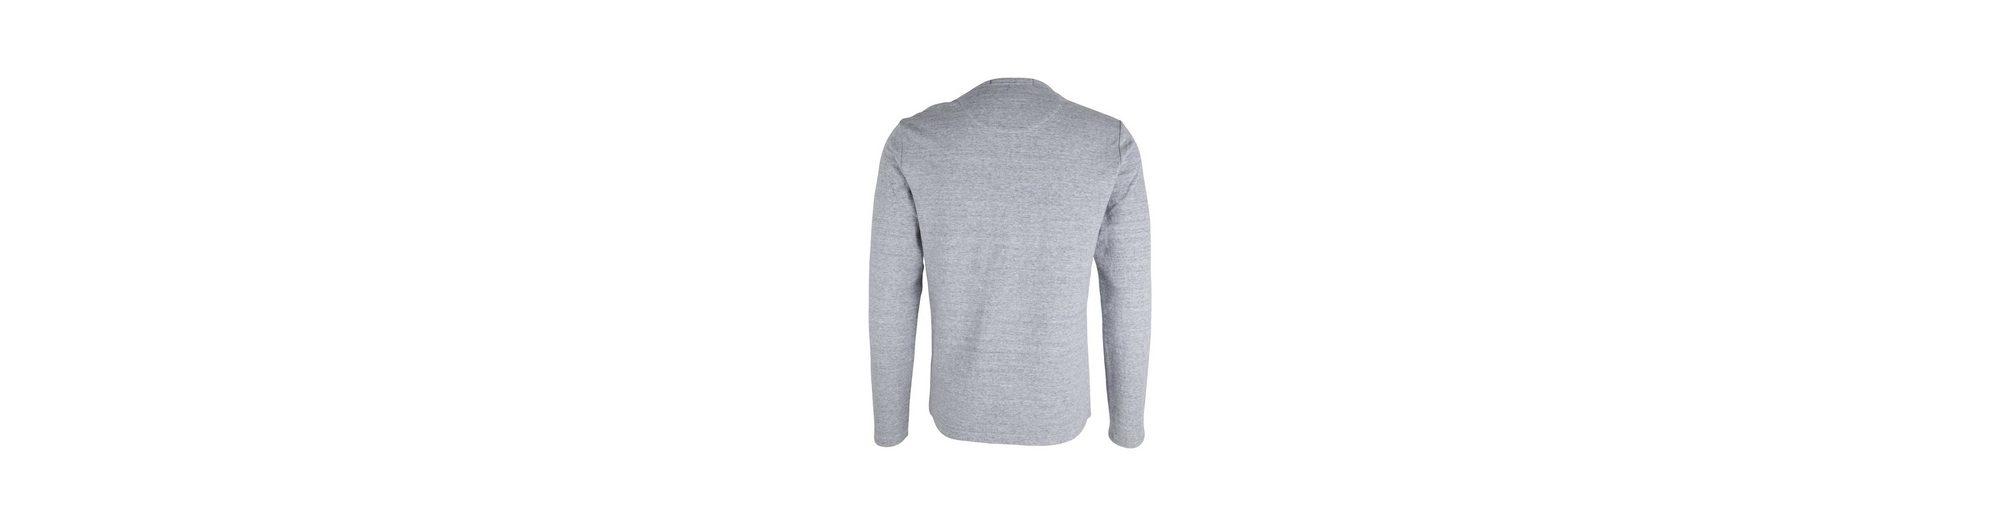 Suchen Sie Nach Verkauf Scotch & Soda Pullover Langarmshirt grau Verkauf Shop-Angebot Billig Verkauf Perfekt Bester Platz Verkauf Rabatt gBmfGdJ